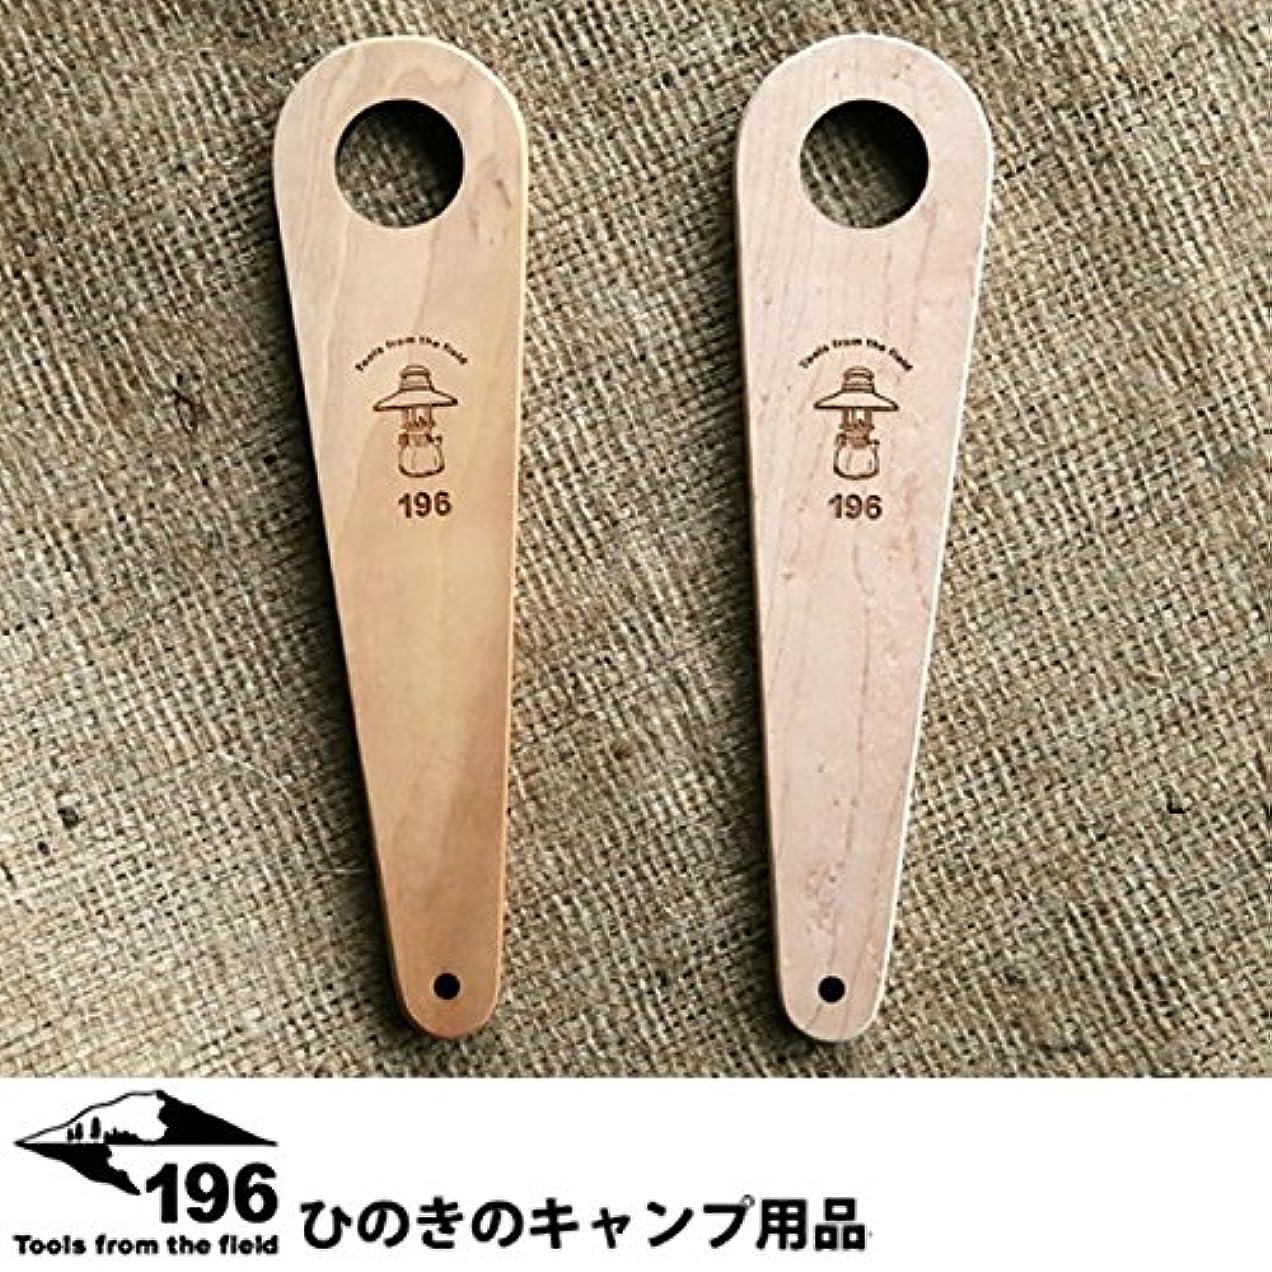 額代表して見て196ひのきのキャンプ用品 木製ランタンハンガー カエデ(28mm) サクラ(28mm?33mm)キャンプ用品 アウトドア バーベキュー